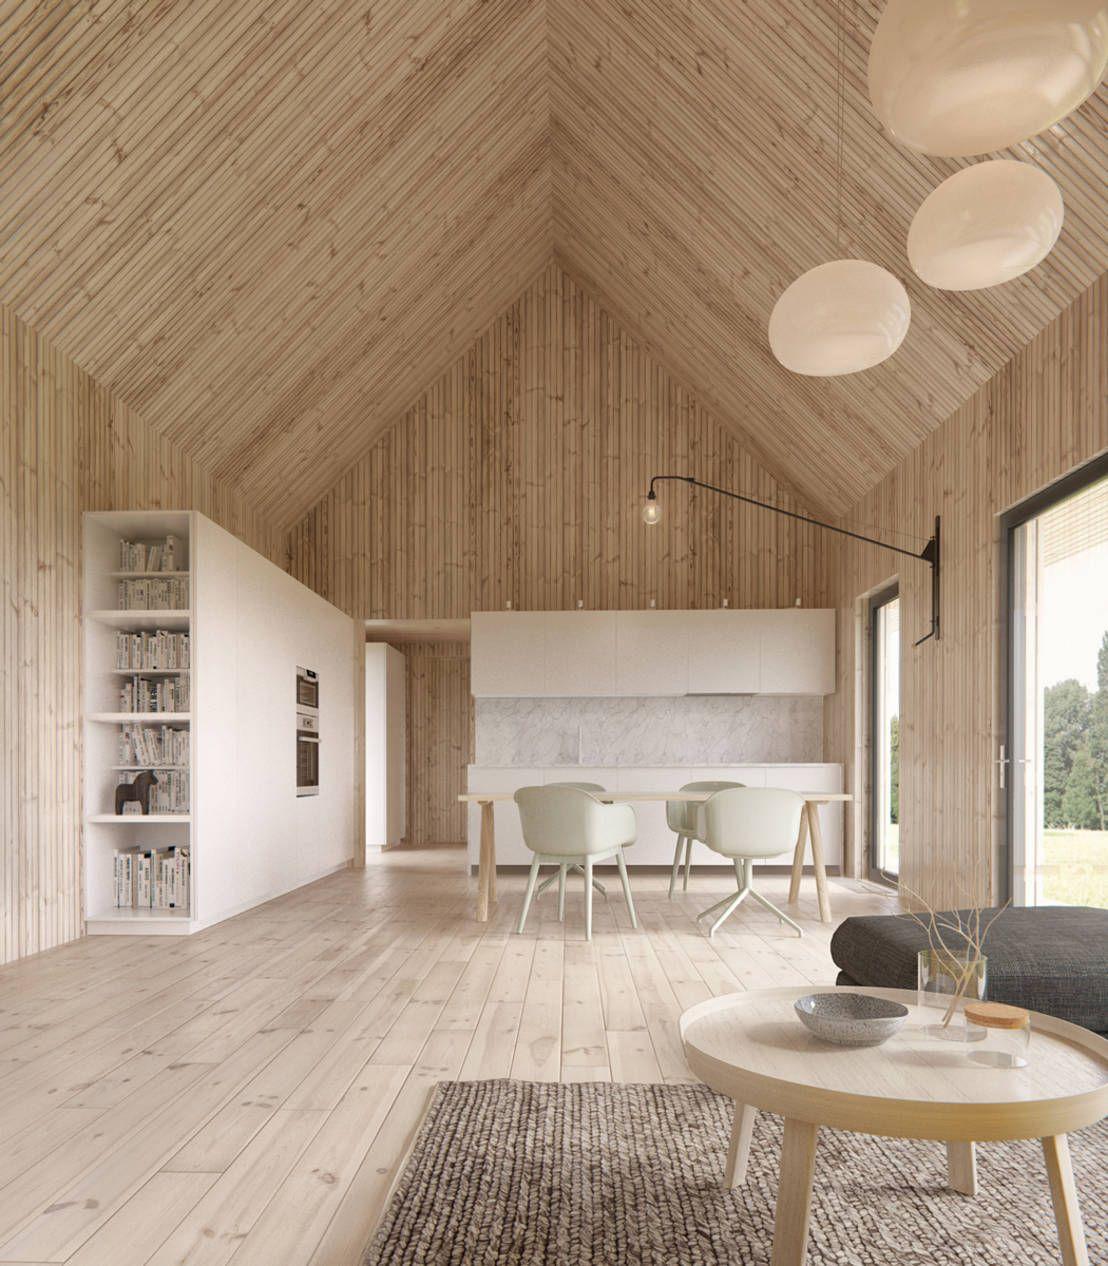 6 architetti per 6 stili diversi Arquitectura Casas y Techo madera